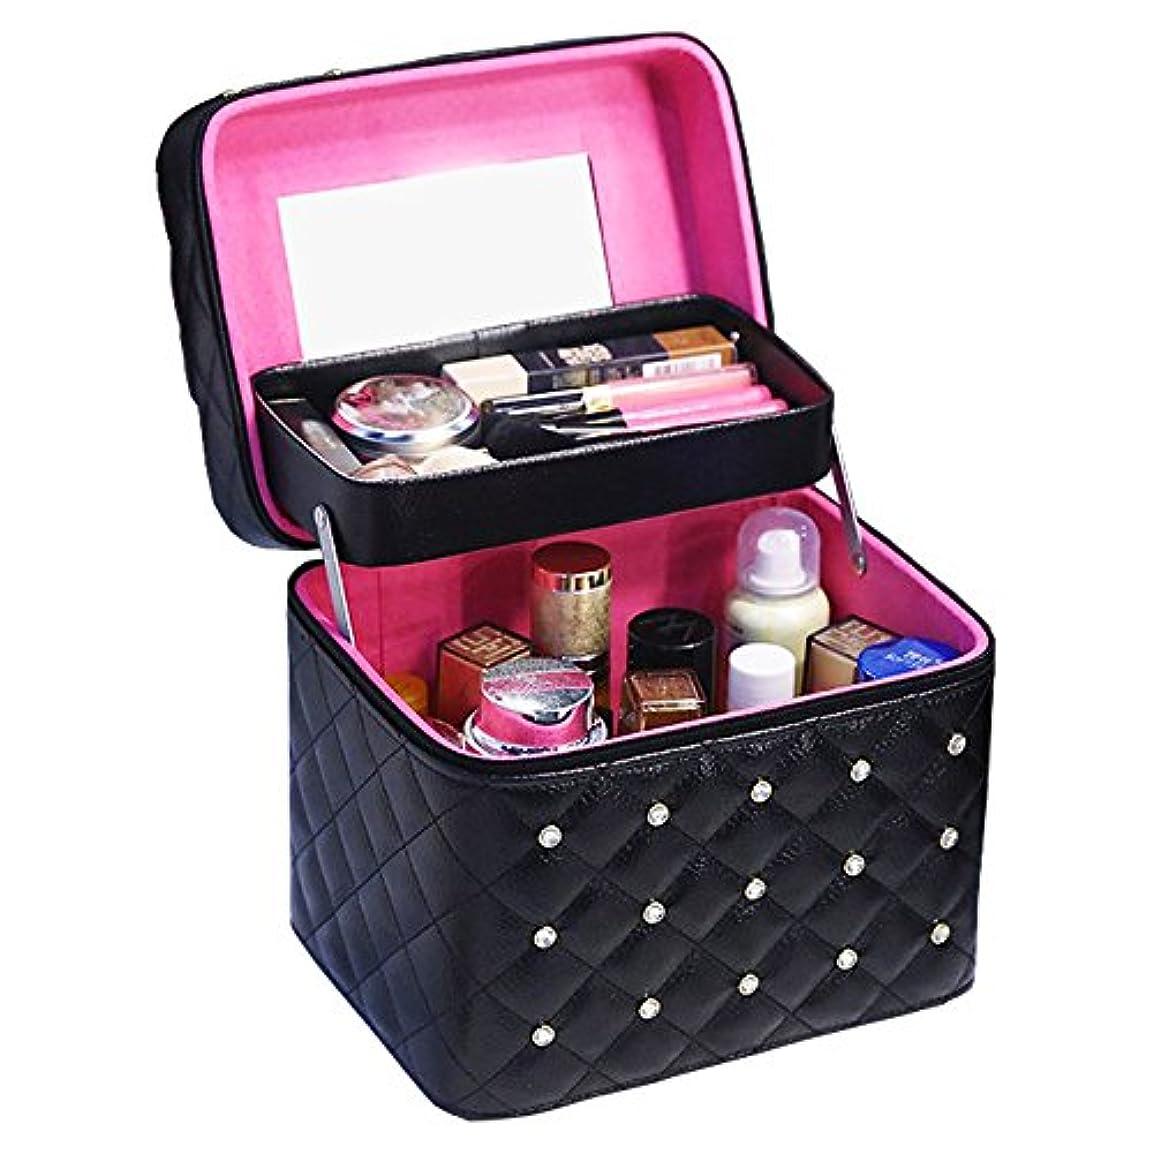 ロビー取り扱い失速Twinkle goods (ツインクルグッズ) メイクボックス コスメボックス 化粧品 収納 PUレザー お洒落なデザイン メイク道具をすっきり収納 携帯にも 2段タイプ